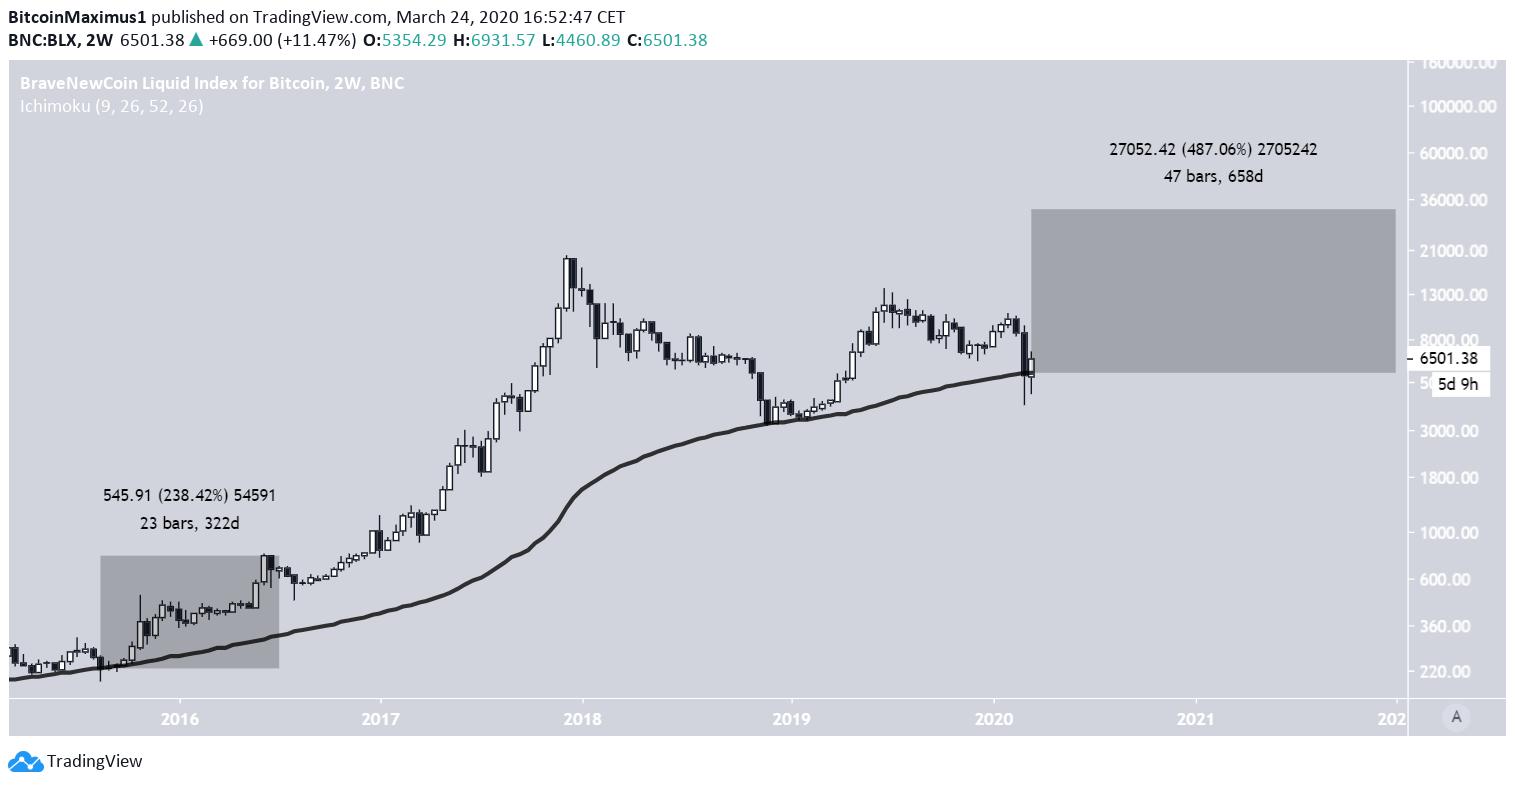 Bitcoin 2021 prediction